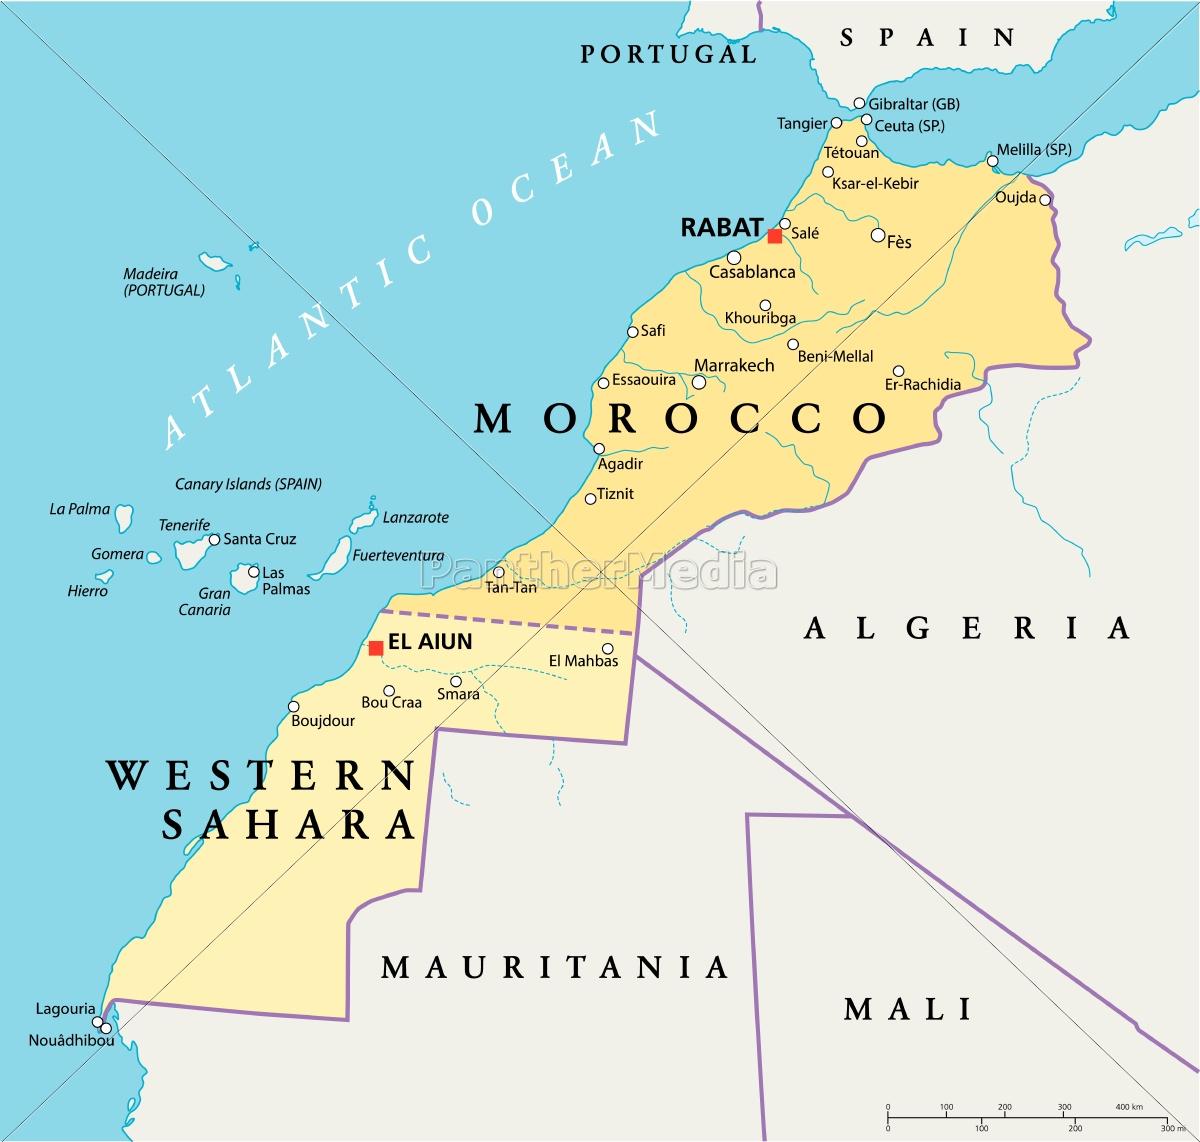 Cartina Marocco Politica.Marocco E Sahara Occidentale Mappa Politica Stockphoto 9697962 Comprate Immagini Rf Da Panthermedia